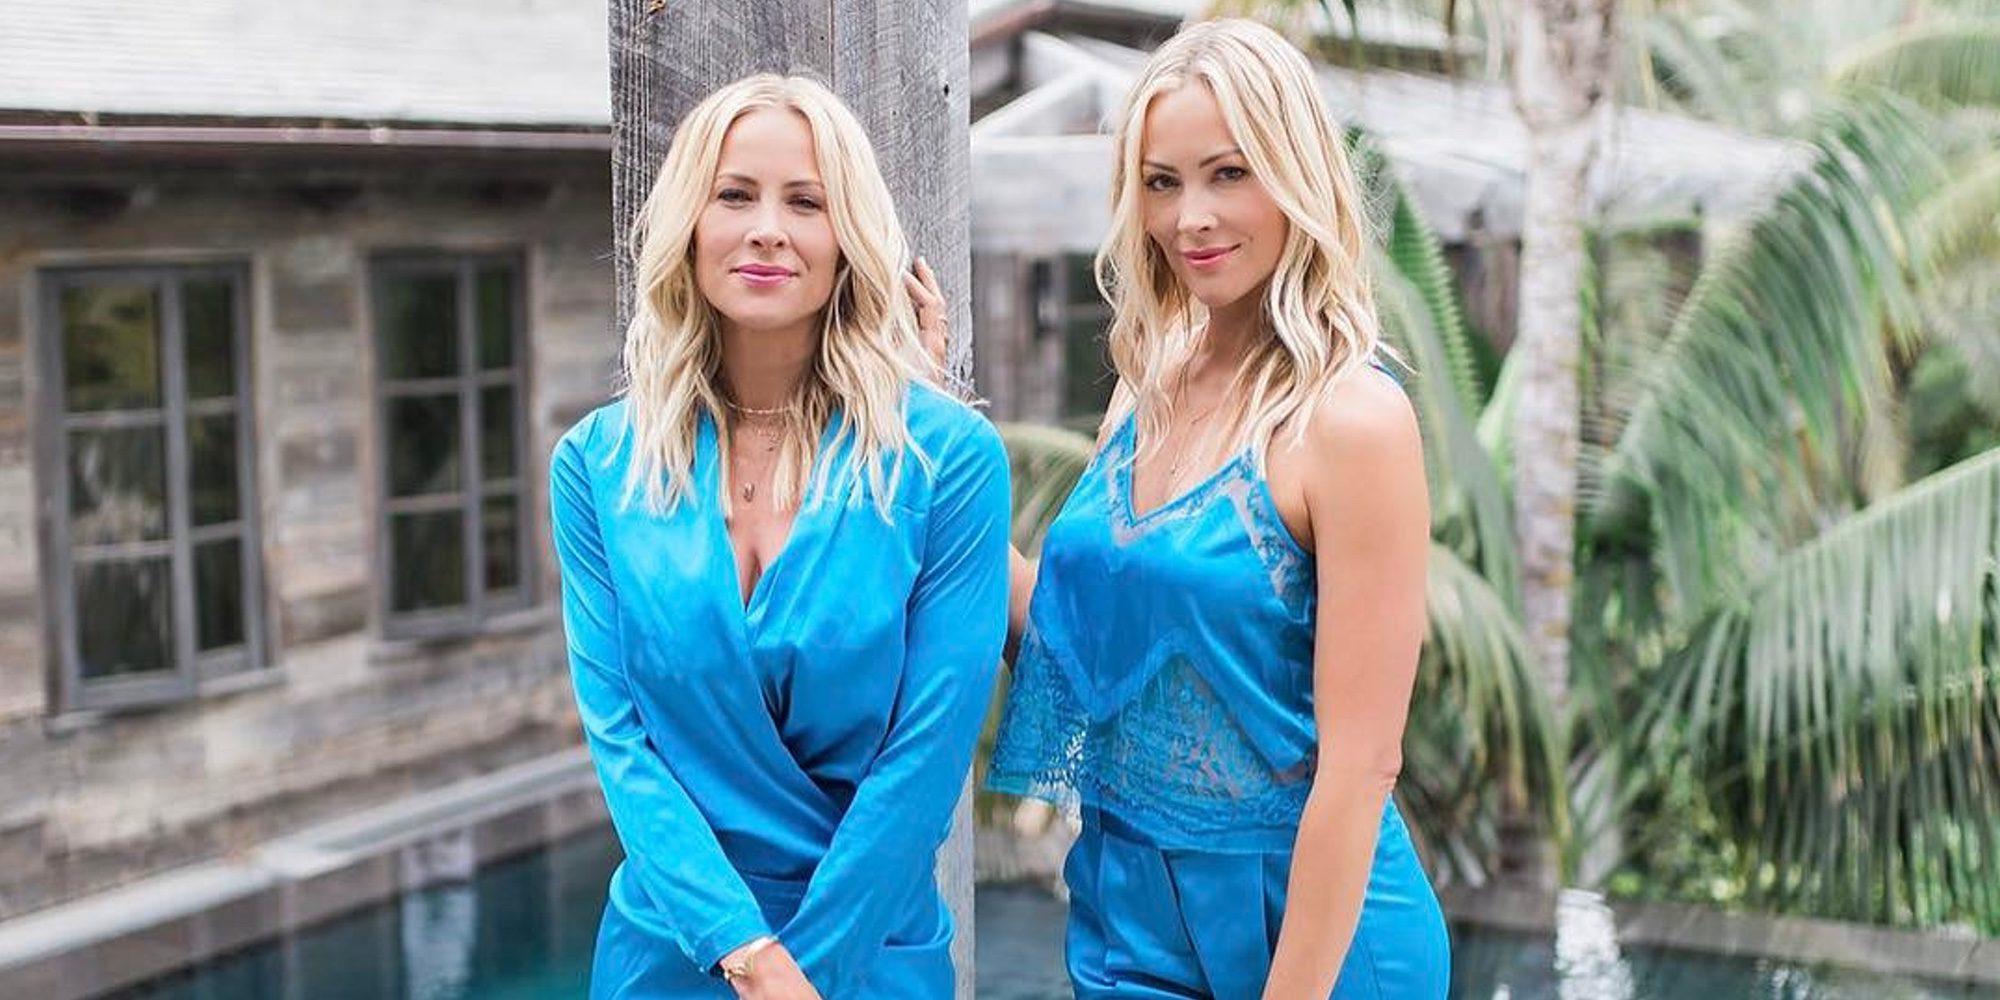 Qué fue de... 'Las gemelas de Sweet Valley', Brittany y Cynthia Daniel